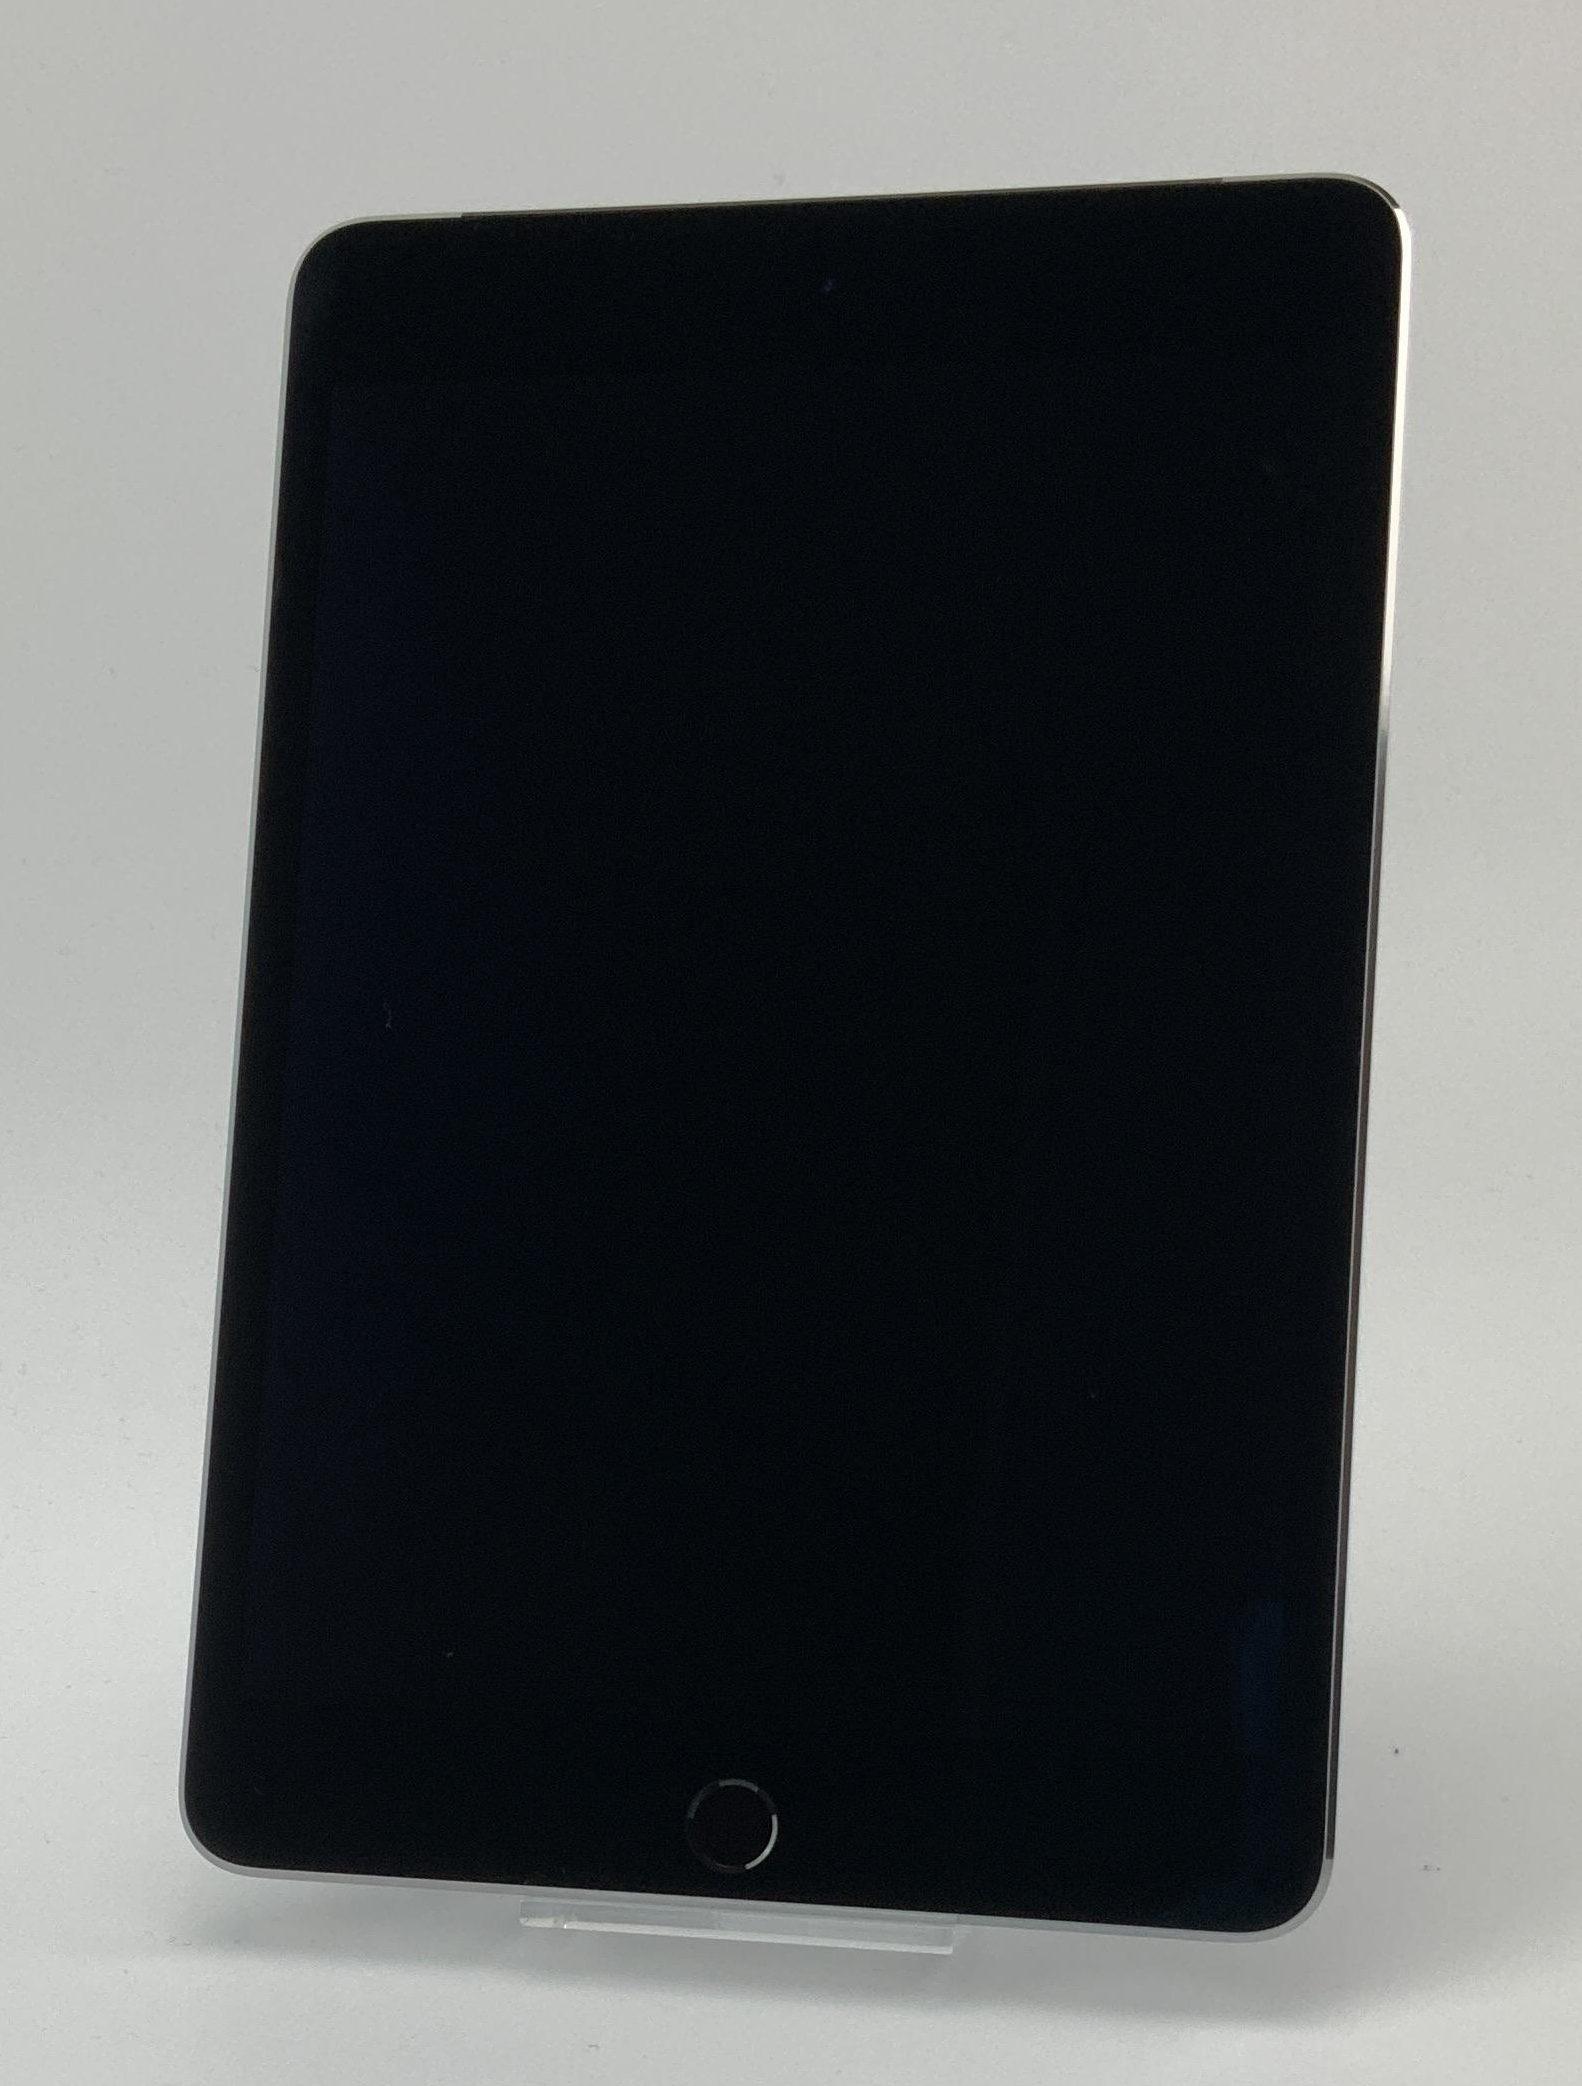 iPad mini 4 Wi-Fi + Cellular 16GB, 16GB, Space Gray, Bild 1